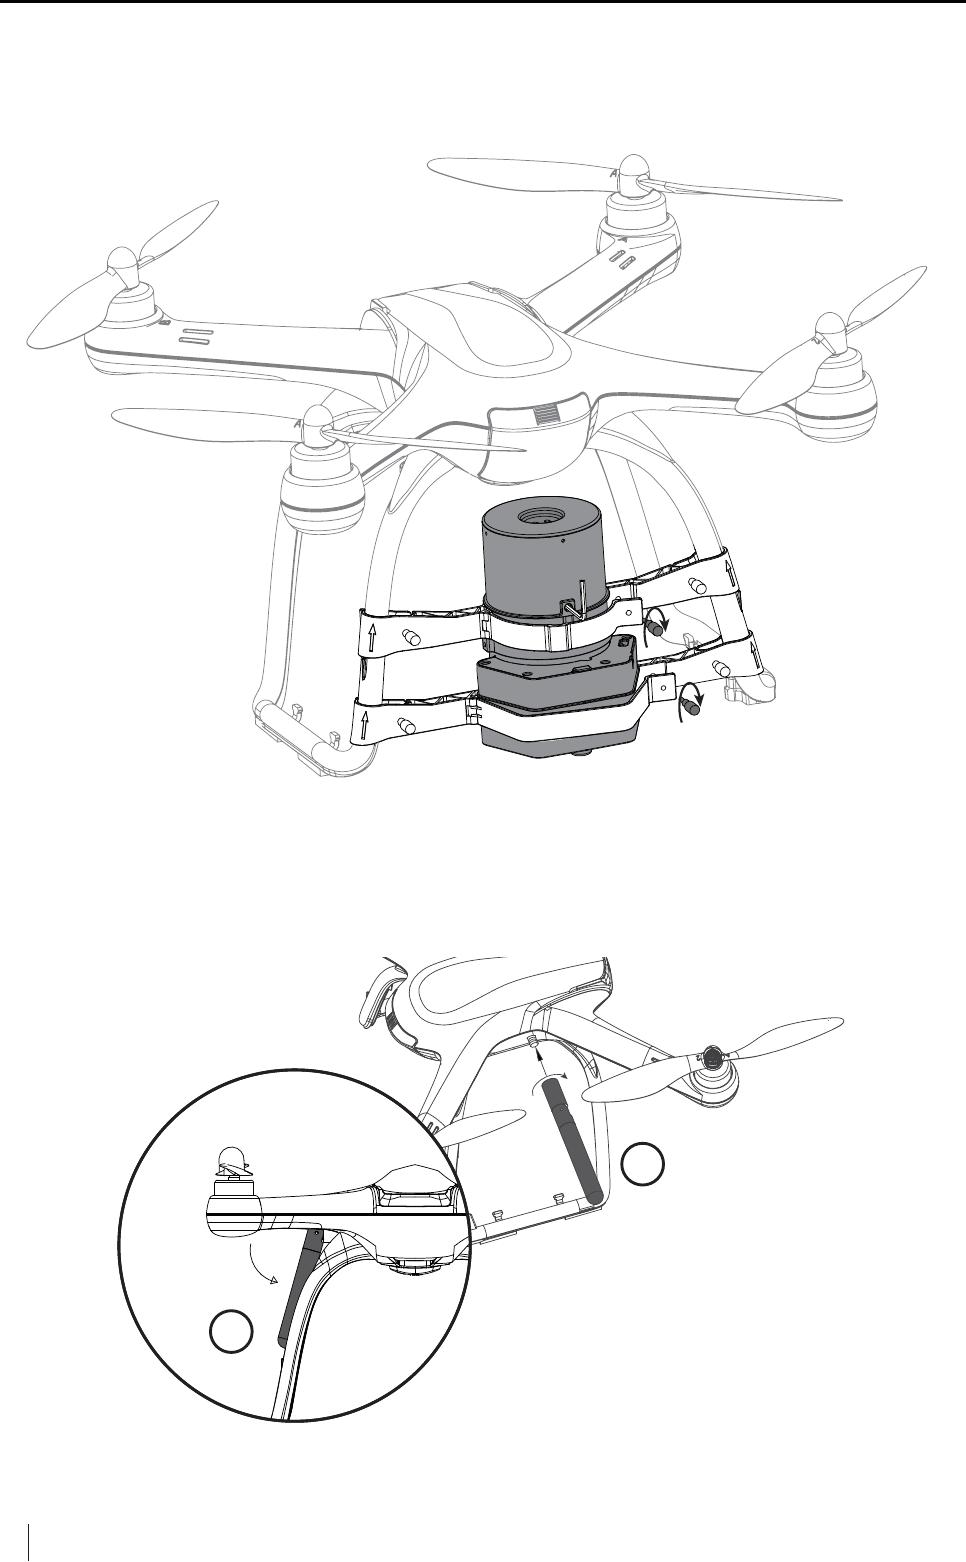 Hubsan Intelligent 109srx X4 Pro User Manual Wiring Diagram 14 2015